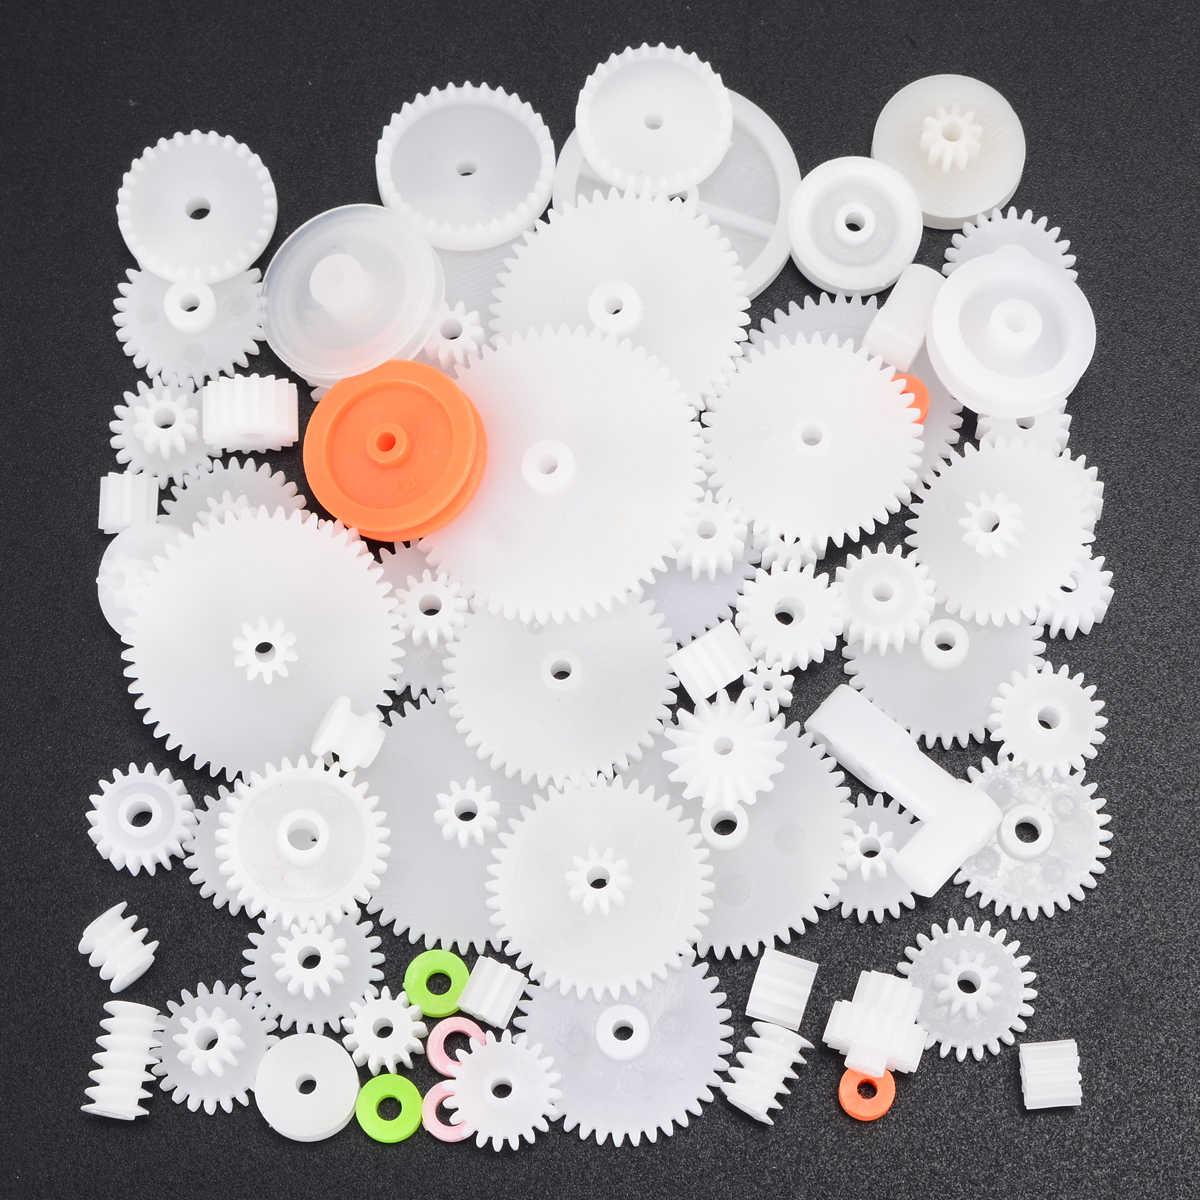 64 סגנונות פלסטיק פיר אחת שכבה כפולה כתר תולעת הילוכים בורג גלגלי M0.5 עבור צעצועי רובוט DIY ערכת מבחר